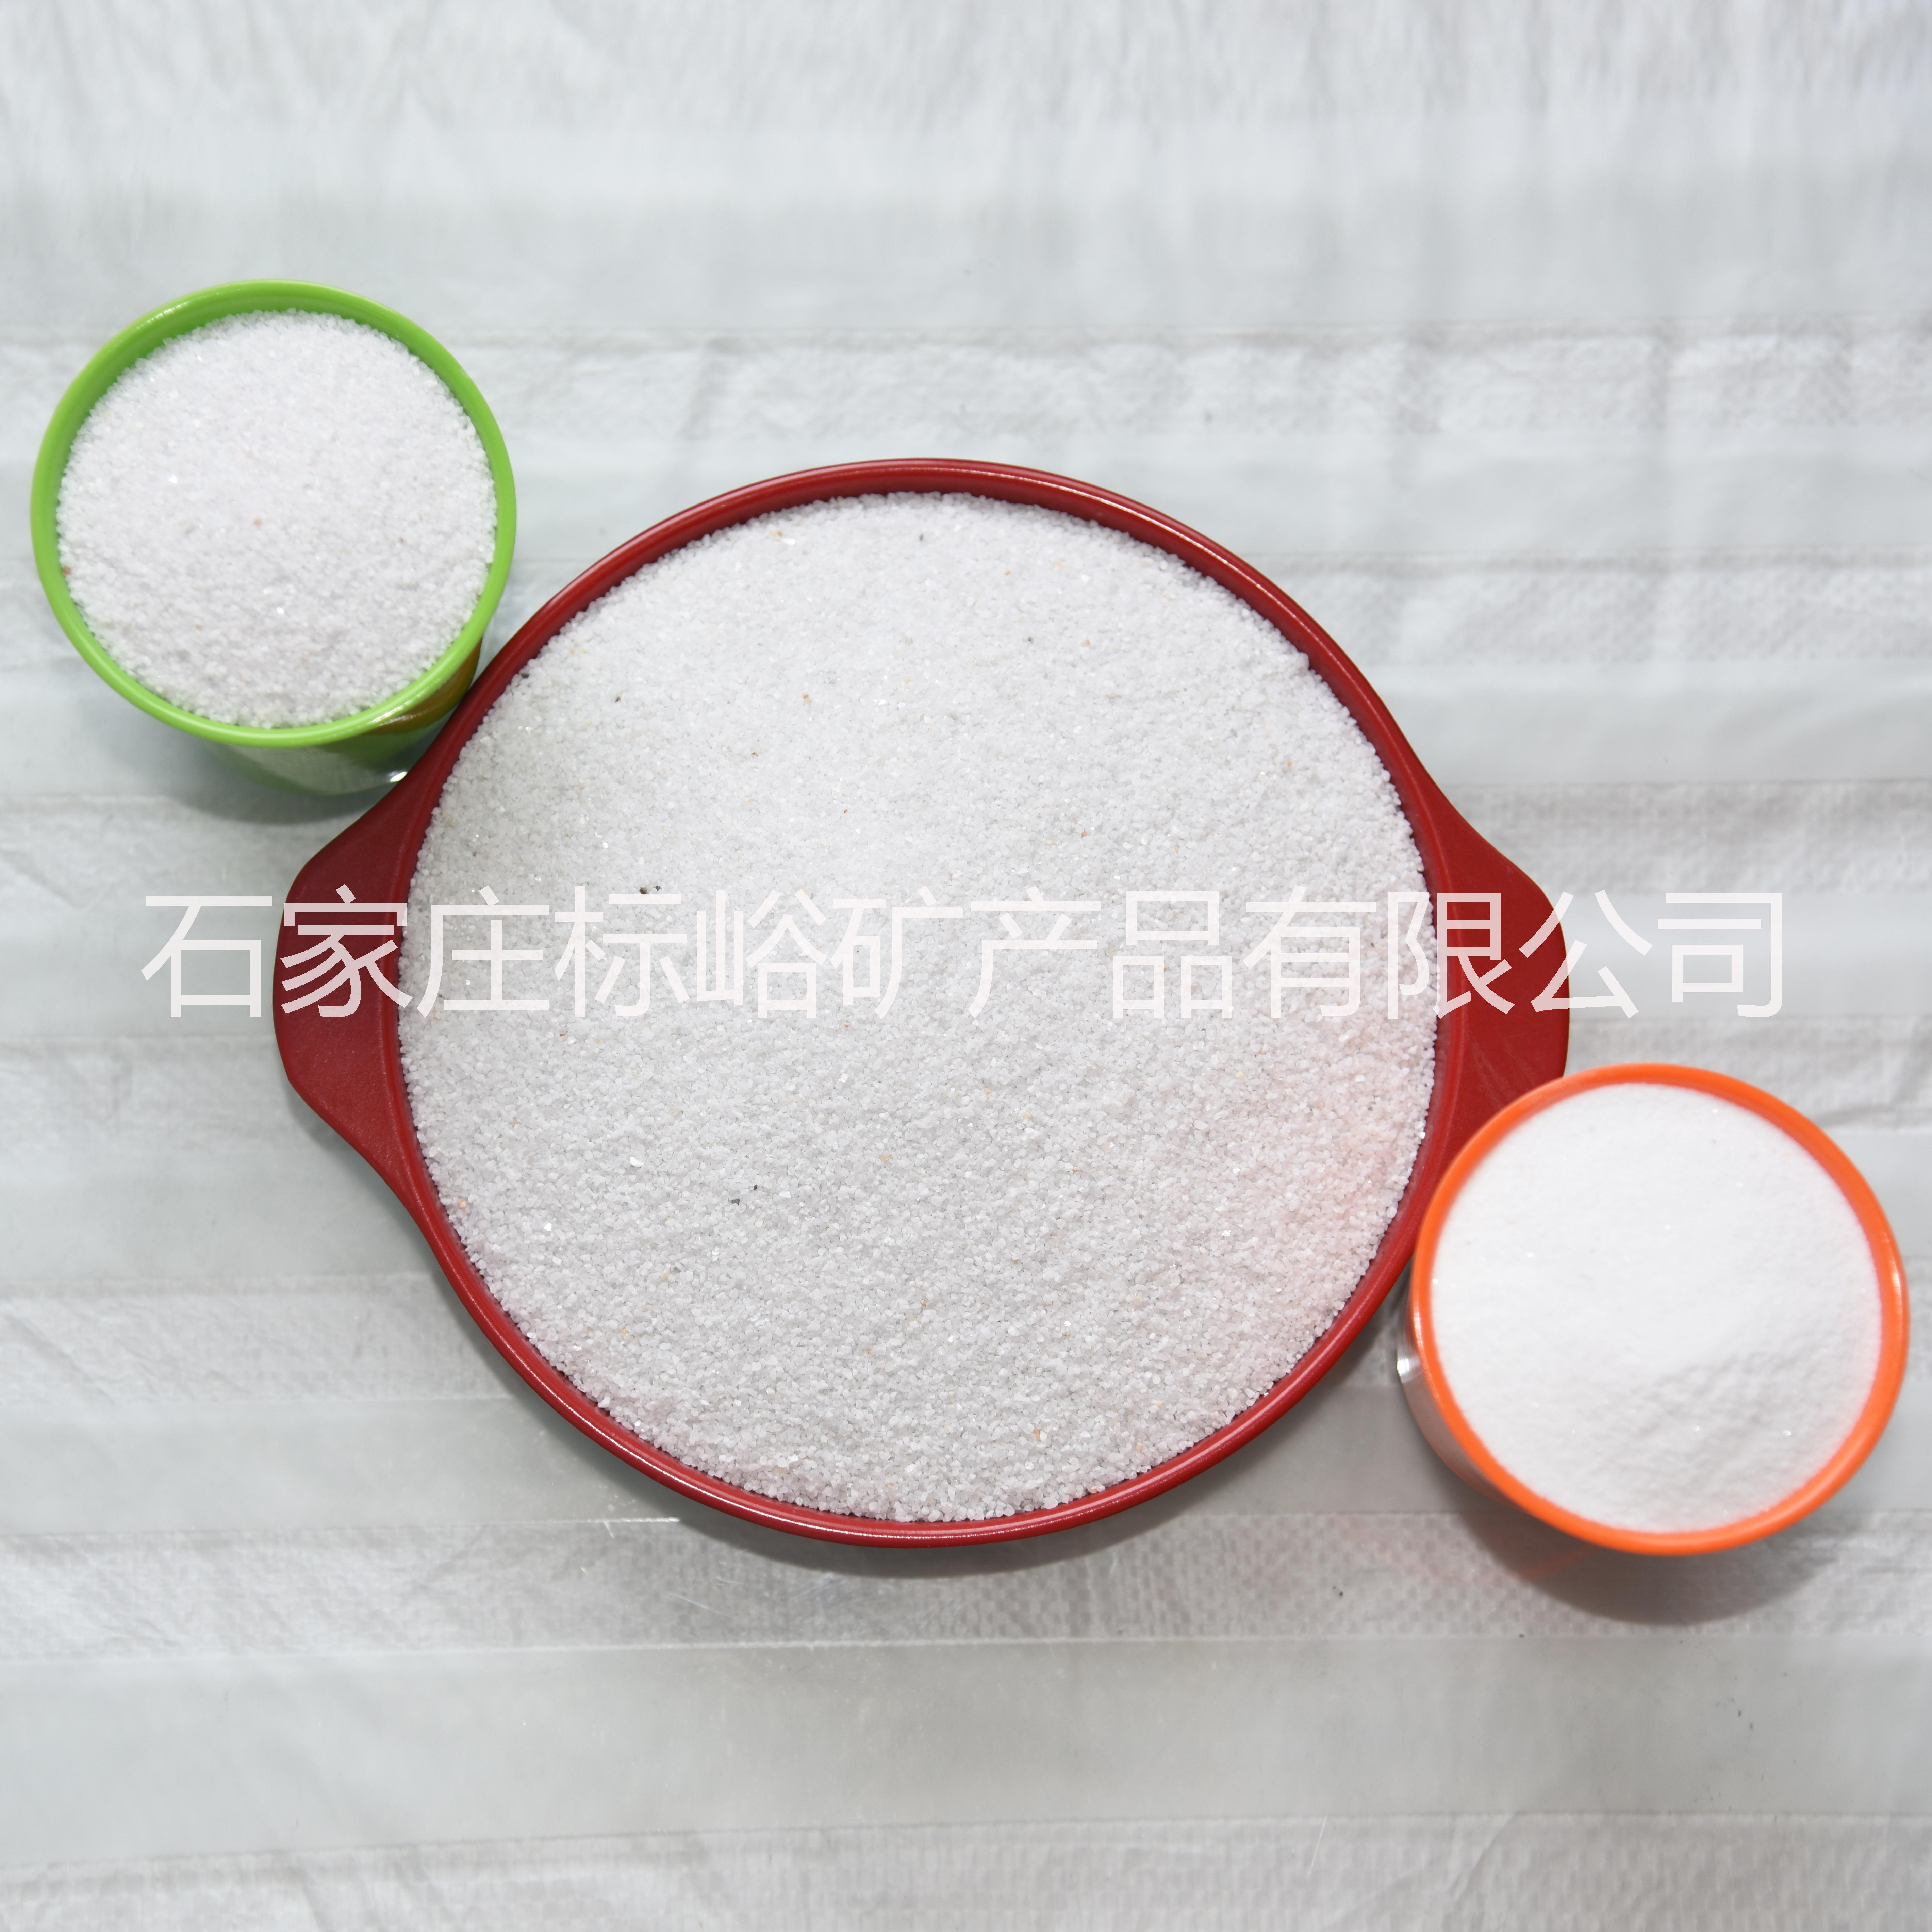 厂家批发优质高含量200目钠长石粉 玻璃专用长石粉 陶瓷级钠长石 钾长石